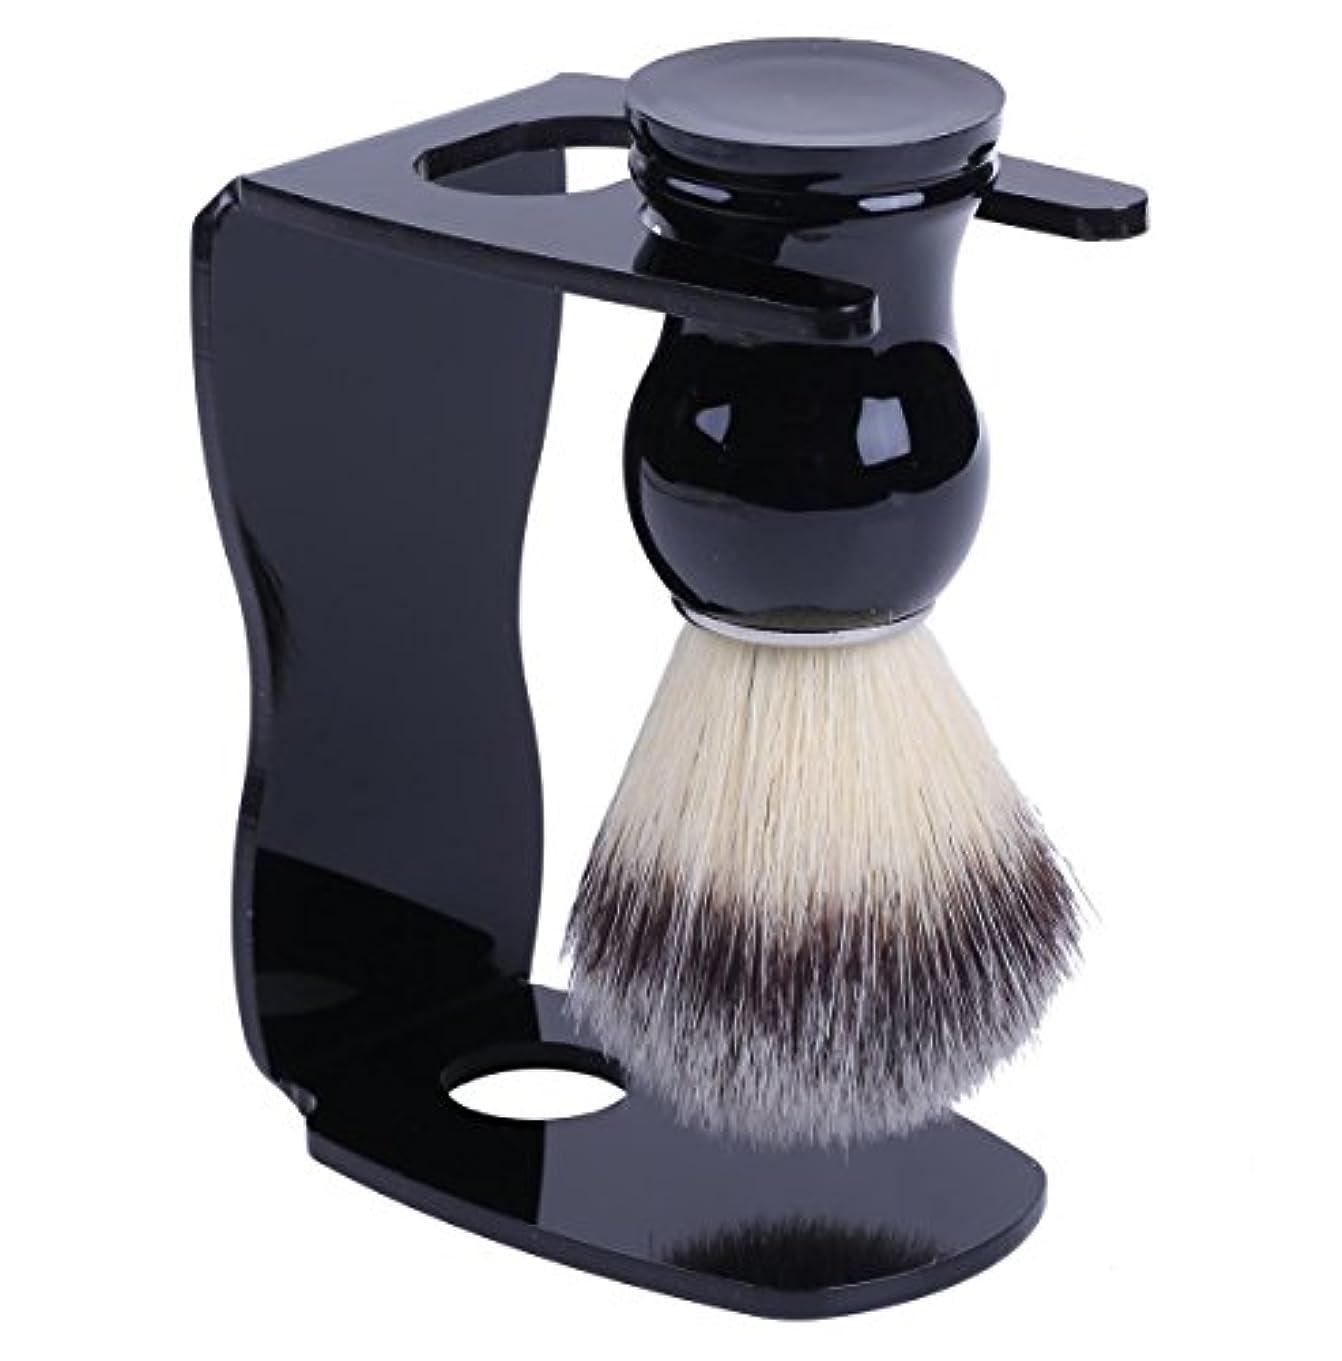 談話ブレース誇大妄想泡立ちが違う アナグマ 毛100% スタンド付き シェービング ブラシ /髭剃り 洗顔 理容 マッサージ 美容 効果